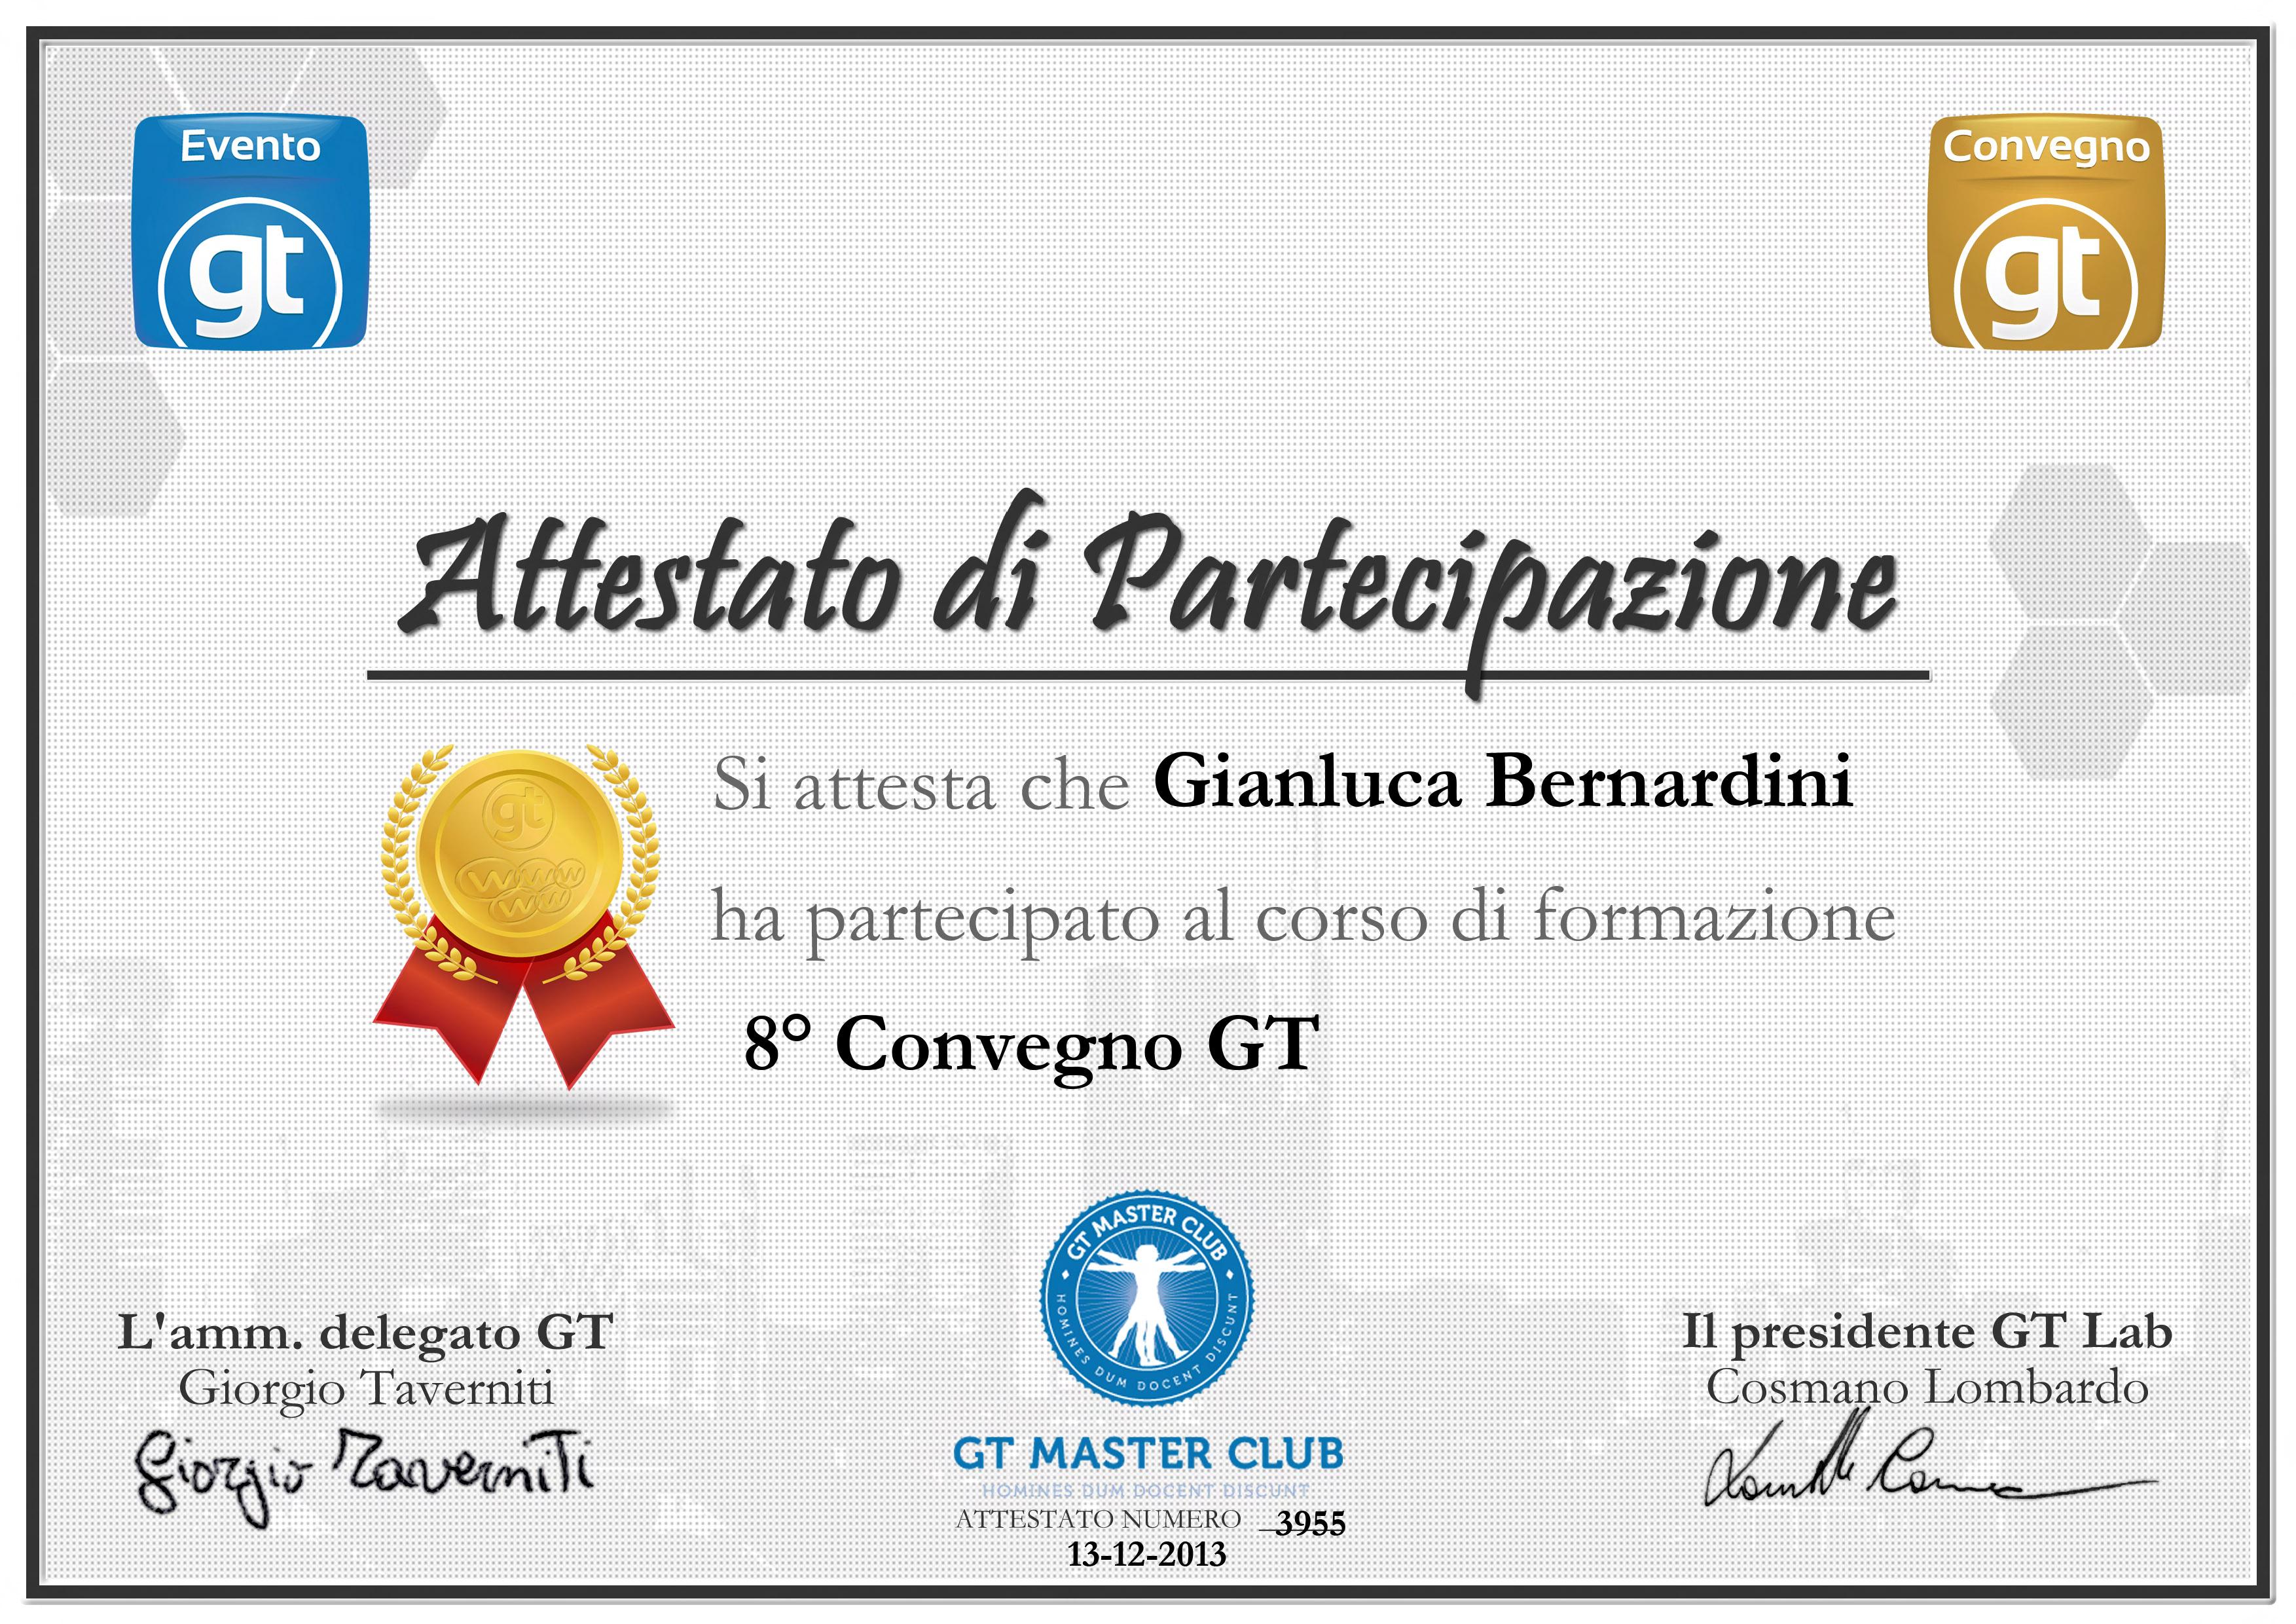 Attestato Convegno Gt 2013